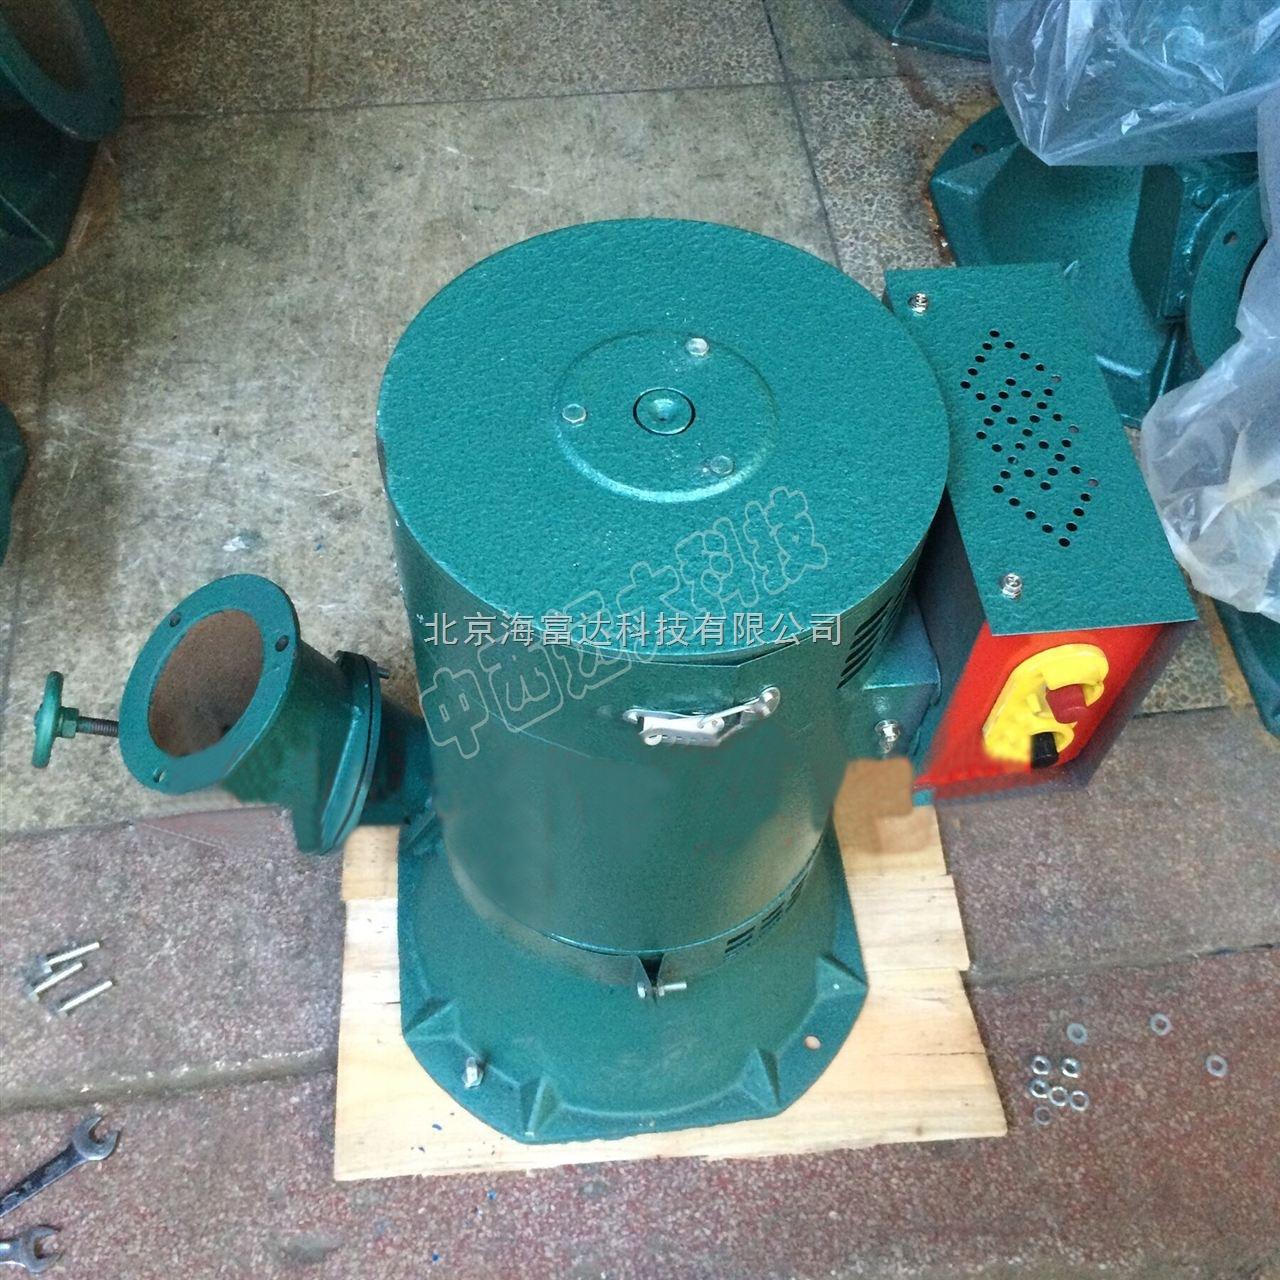 5000w励磁单相三相水力发电机斜击式5kw水轮发电机组水力发电机M317147